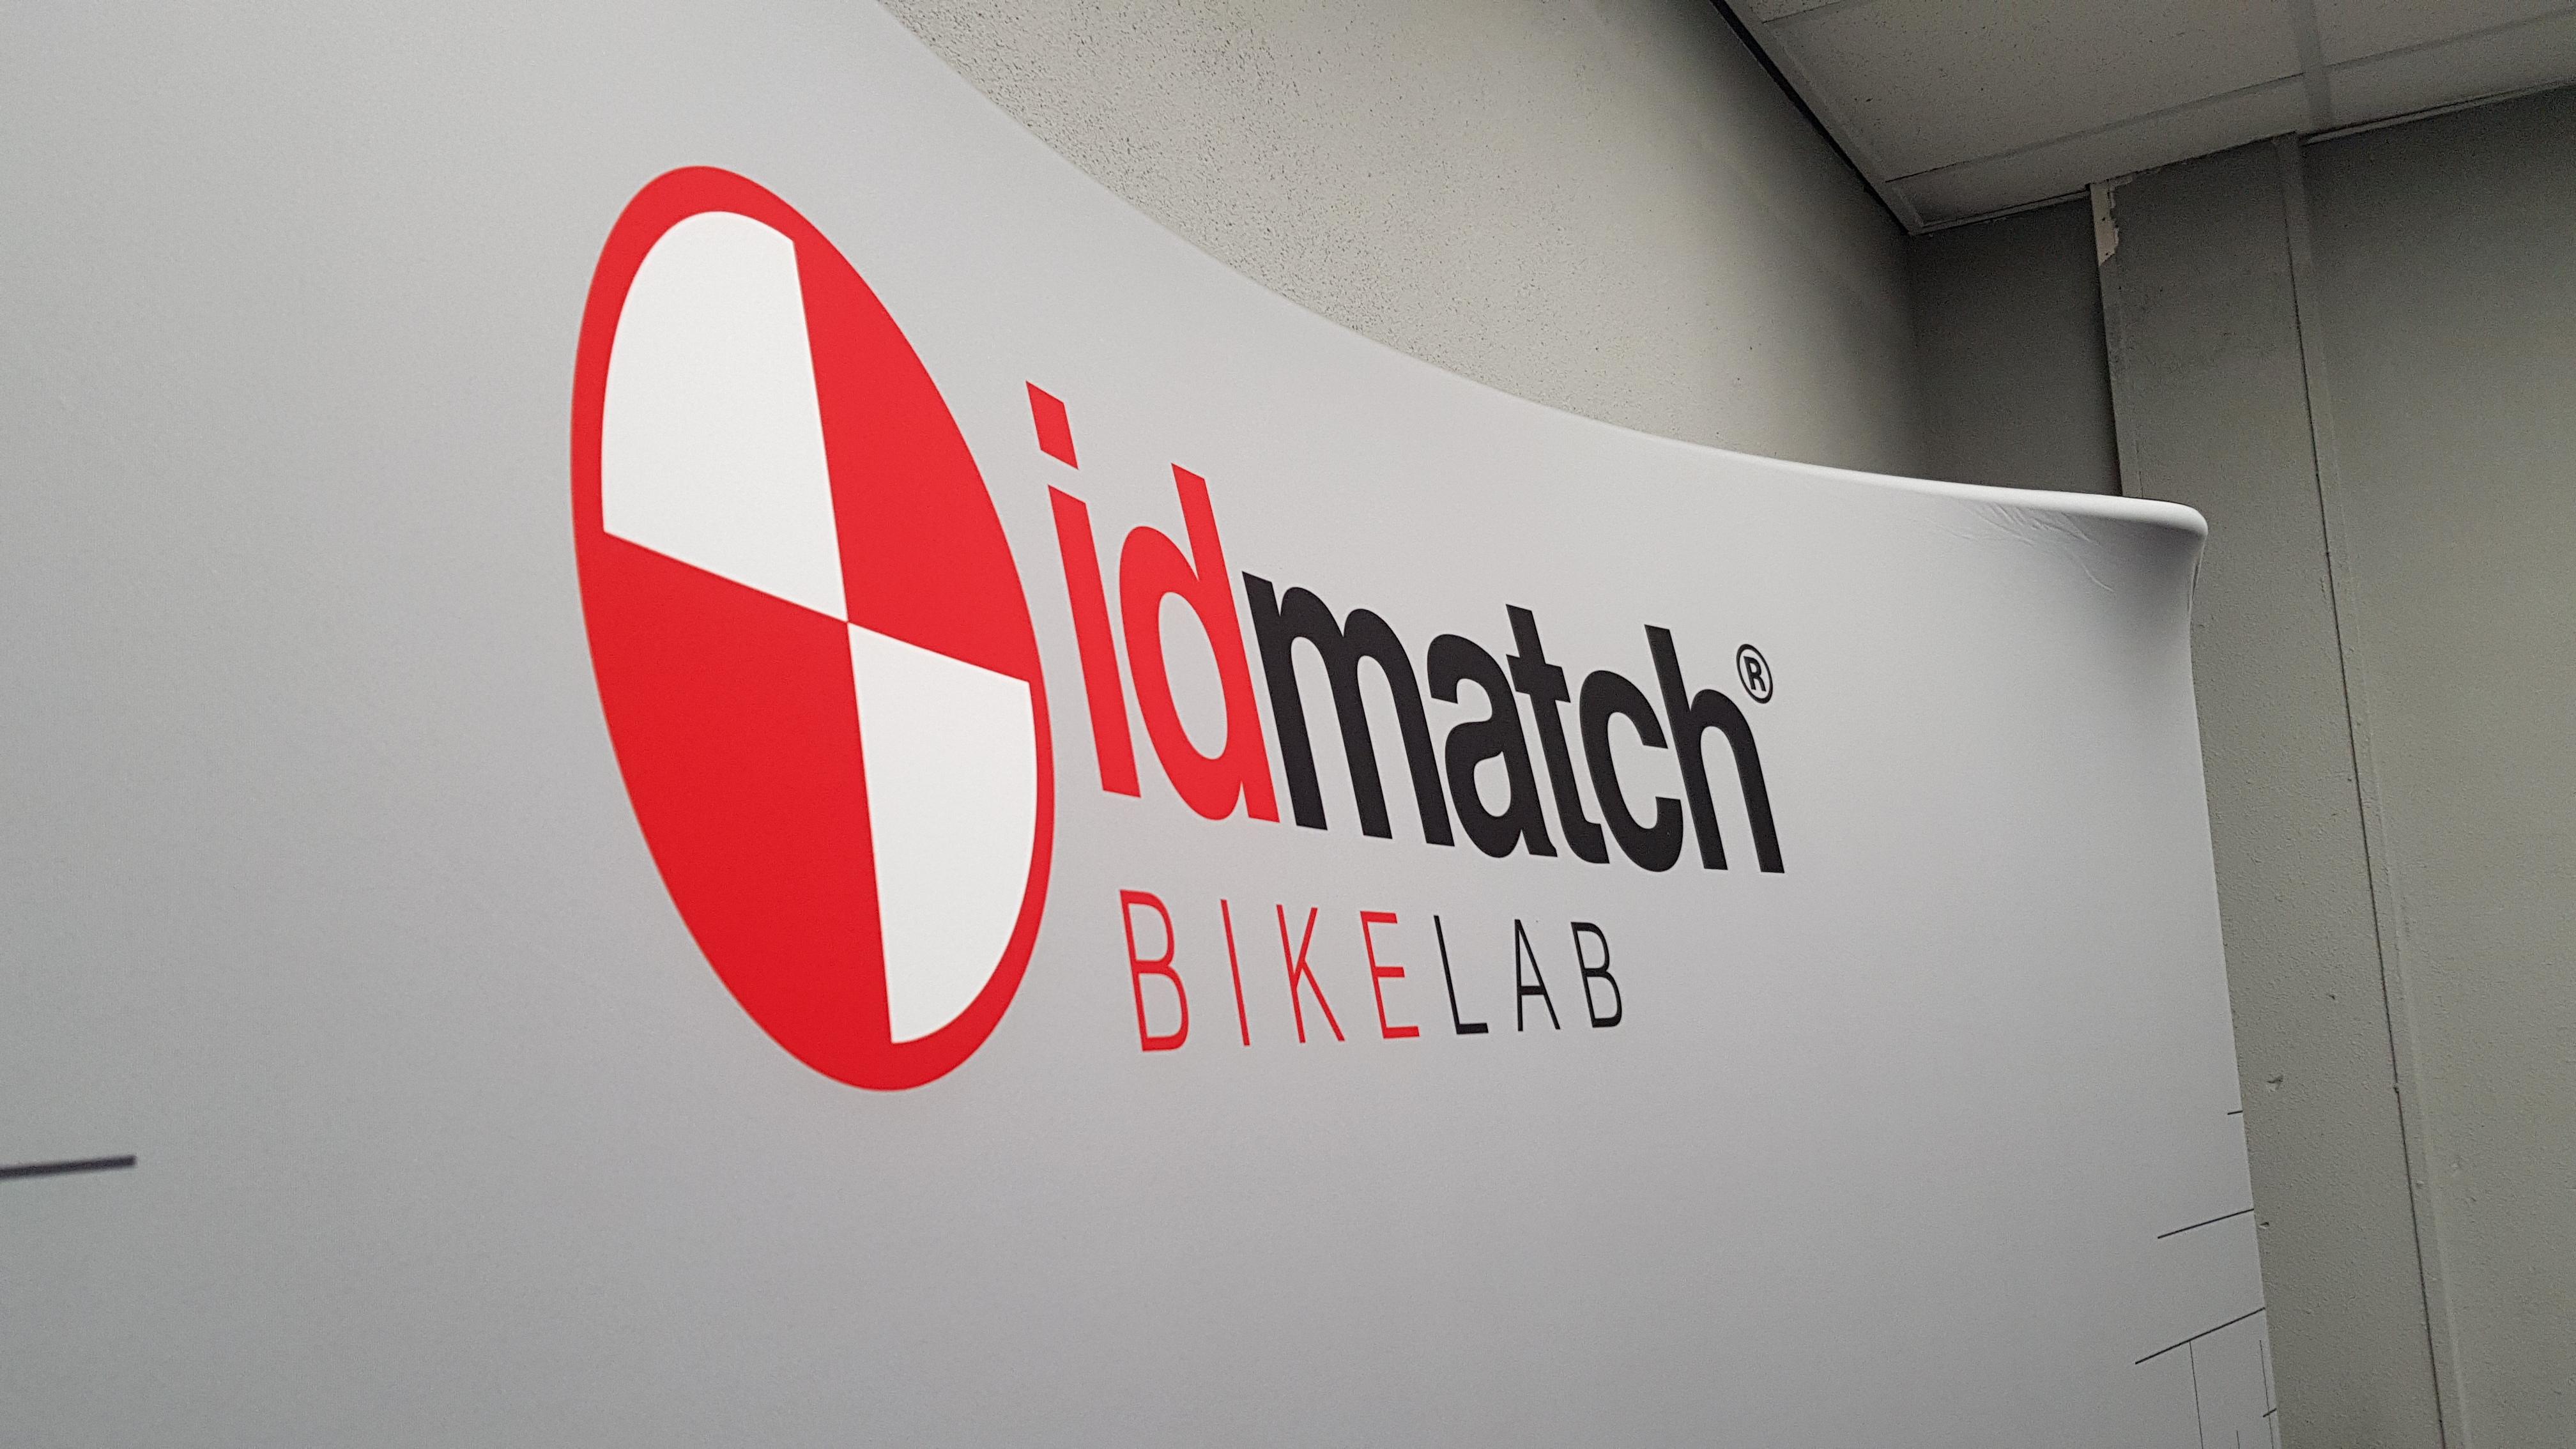 idmatch BikeLab: ideaal als je een goed afgestelde fiets wil aanschaffen